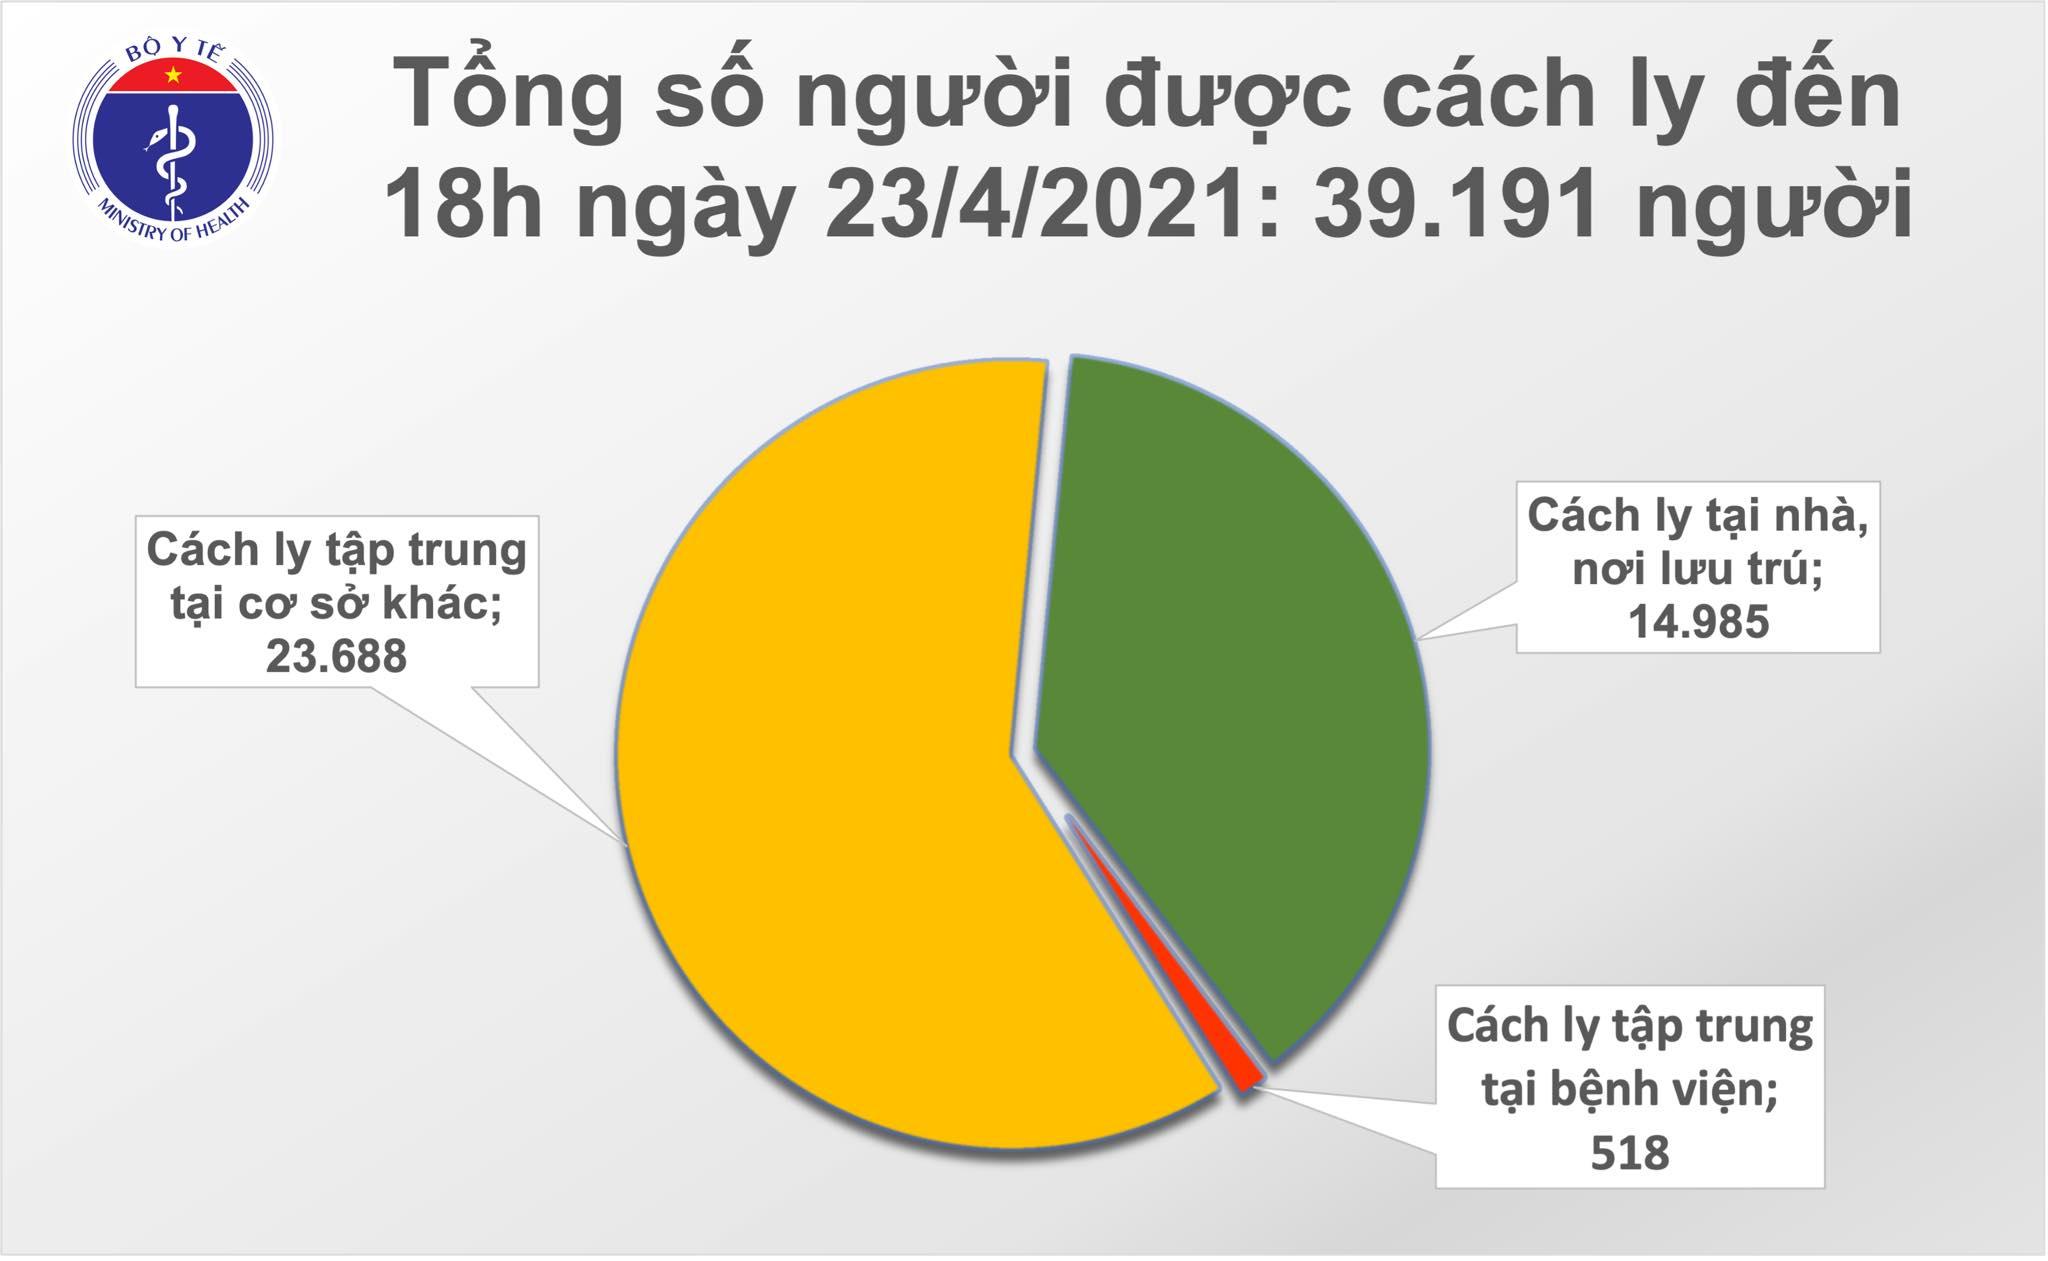 Chiều 23/4: Thêm 6 ca mắc COVID-19 tại An Giang và 4 địa phương khác 1